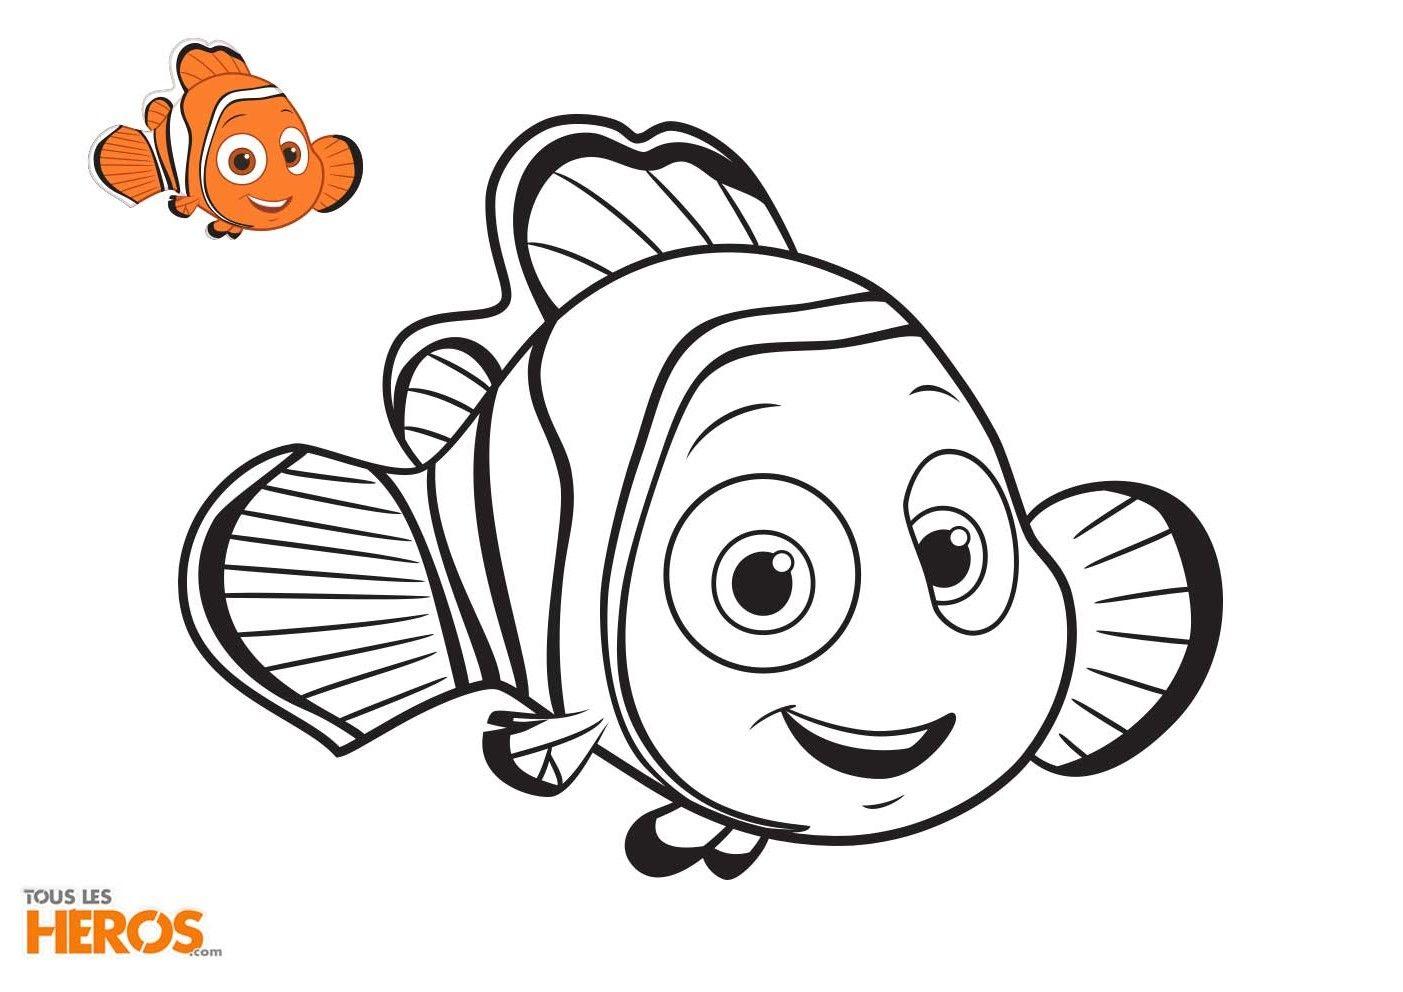 Coloriage En Ligne Nemo.Rejoignez Les Poissons Nemo Et Dory Et Tous Leurs Amis Dans Leurs